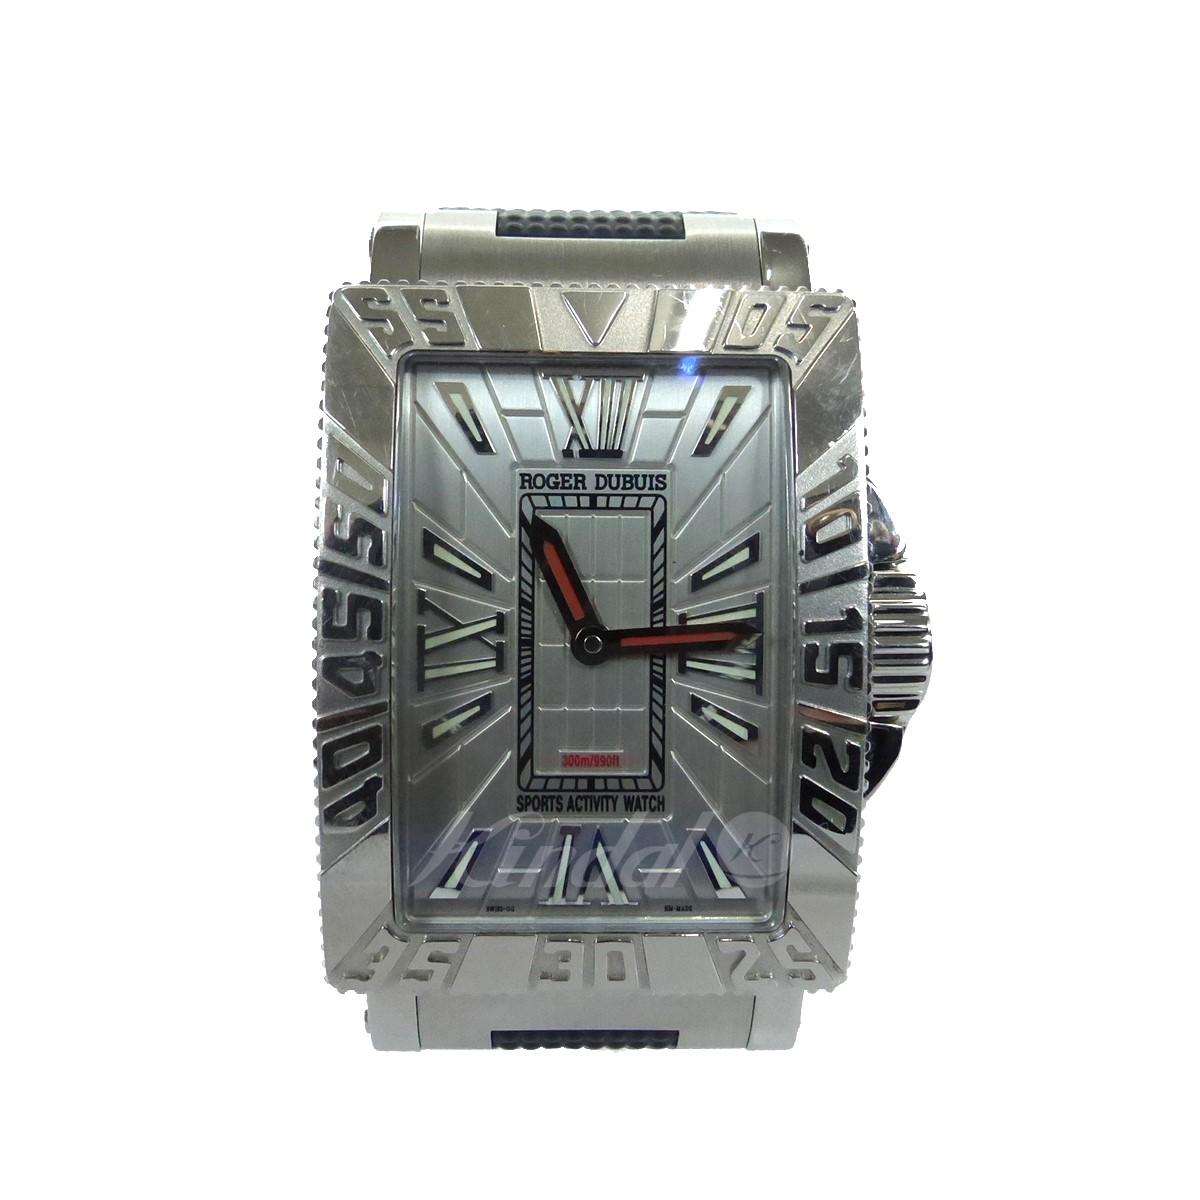 【中古】ROGER DUBUIS シーモア 世界限定888本 腕時計 【送料無料】 【086827】 【KIND1550】